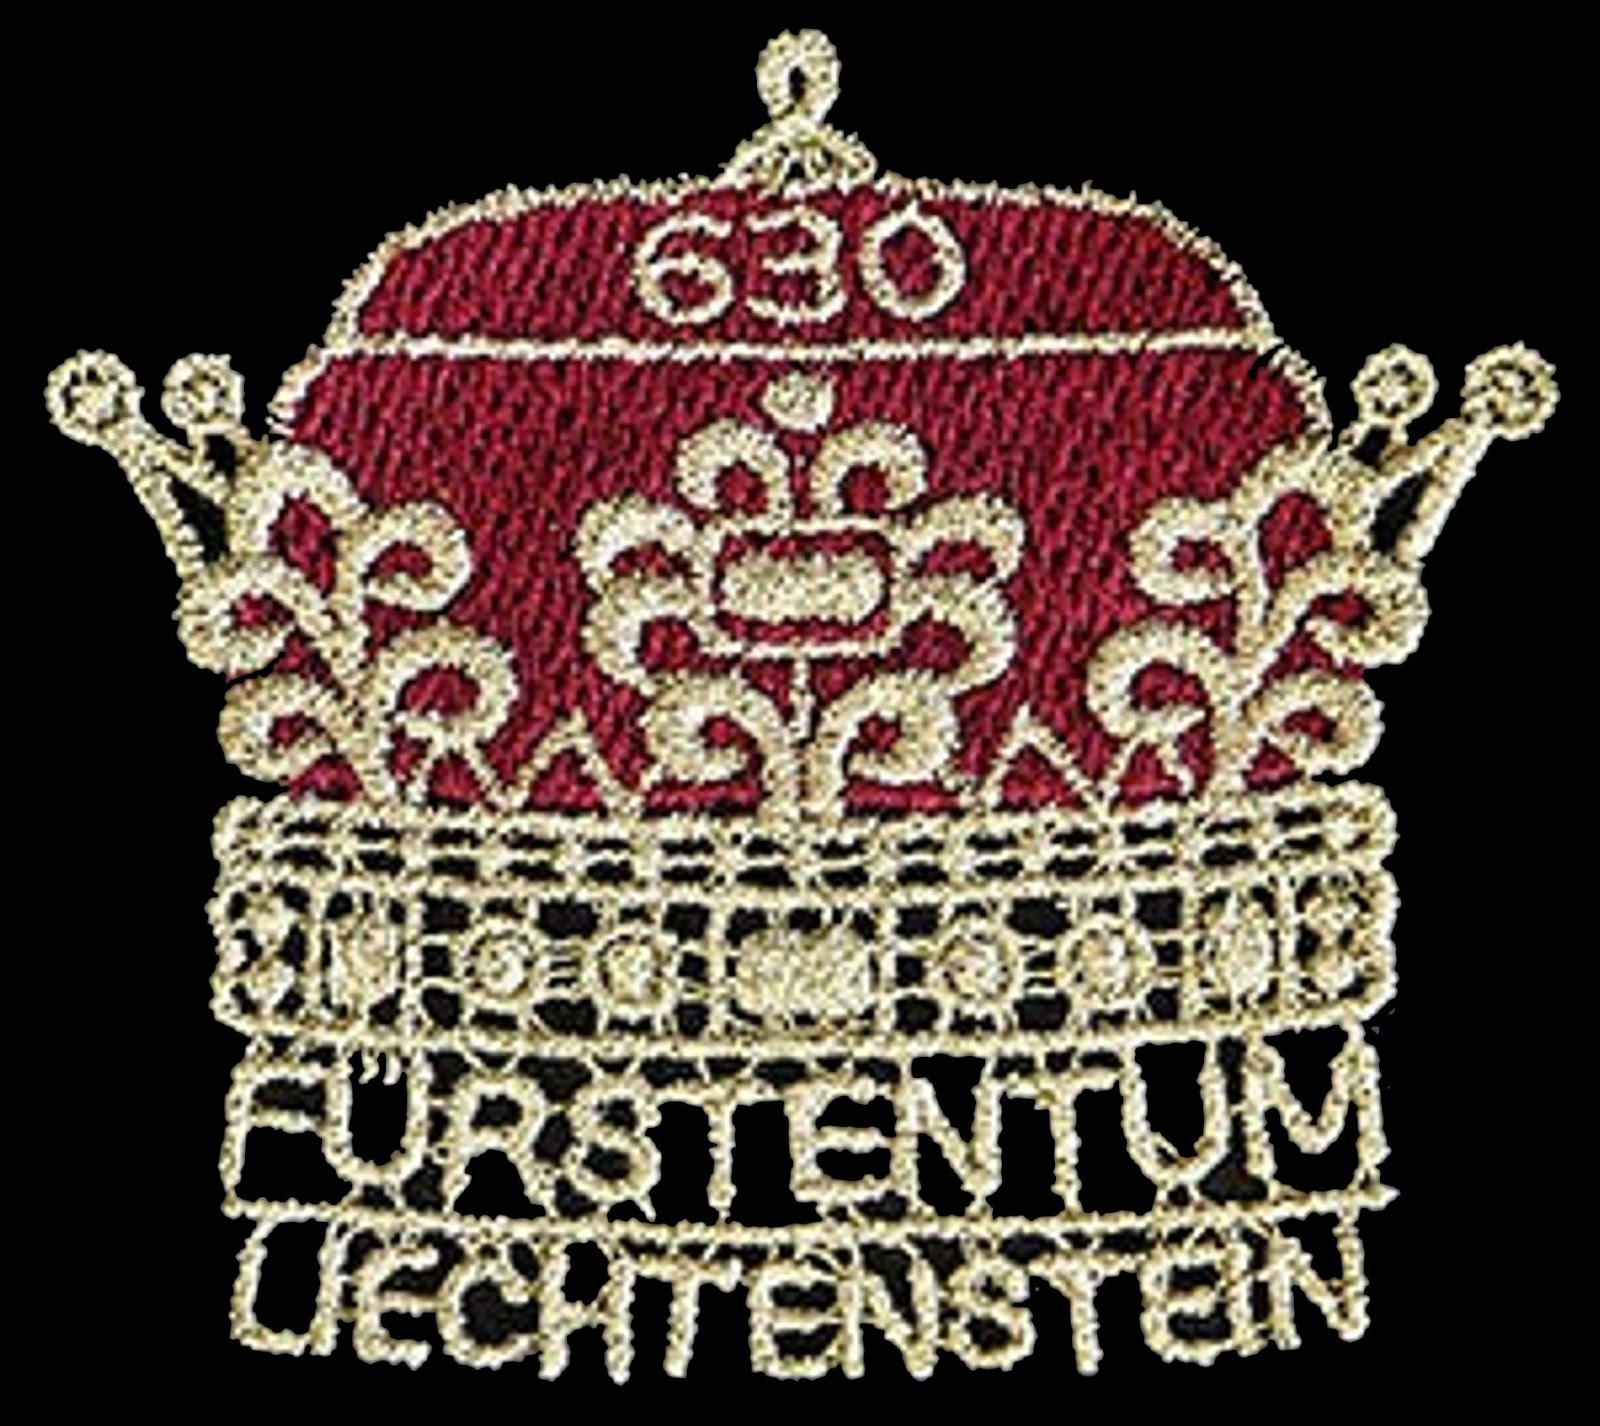 Liechtenstein - 300th Anniversary of Liechtenstein (January 23, 2019)